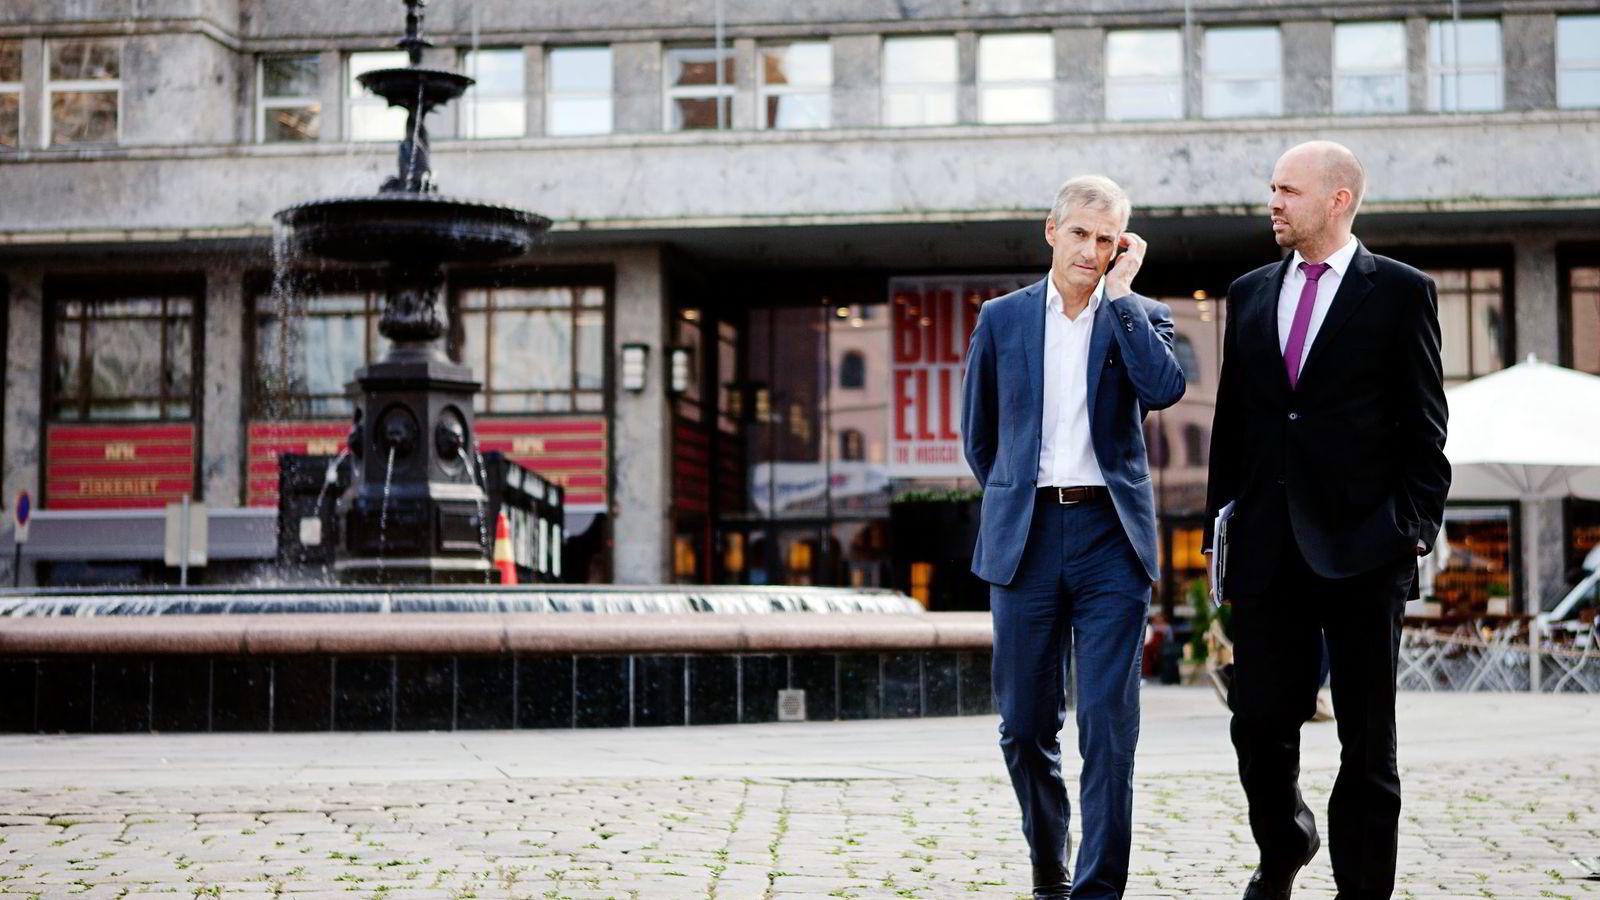 LEGGER OM. Ap-leder Jonas Gahr Støre (til venstre) og stortingsrepresentant Arild Grande varsler omlegging av partiets mediepolitikk. Foto: Javad Parsa